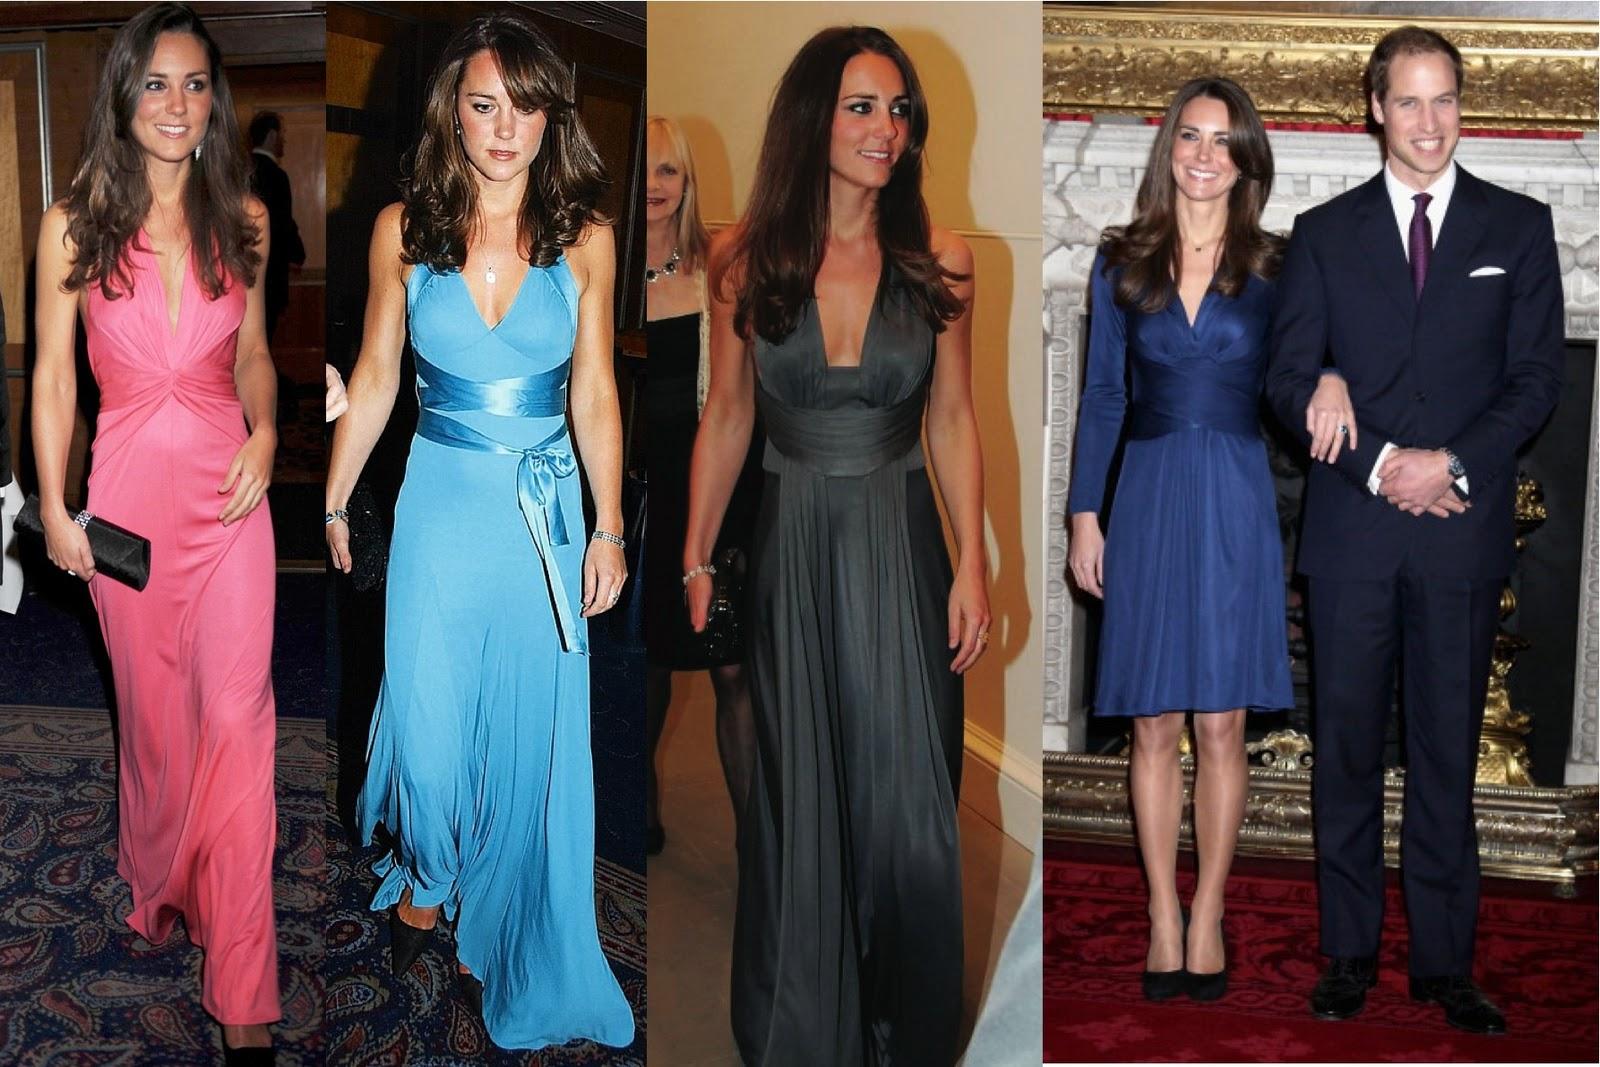 Kate middleton style der style der duchess zum for Wedding dress kate middleton style